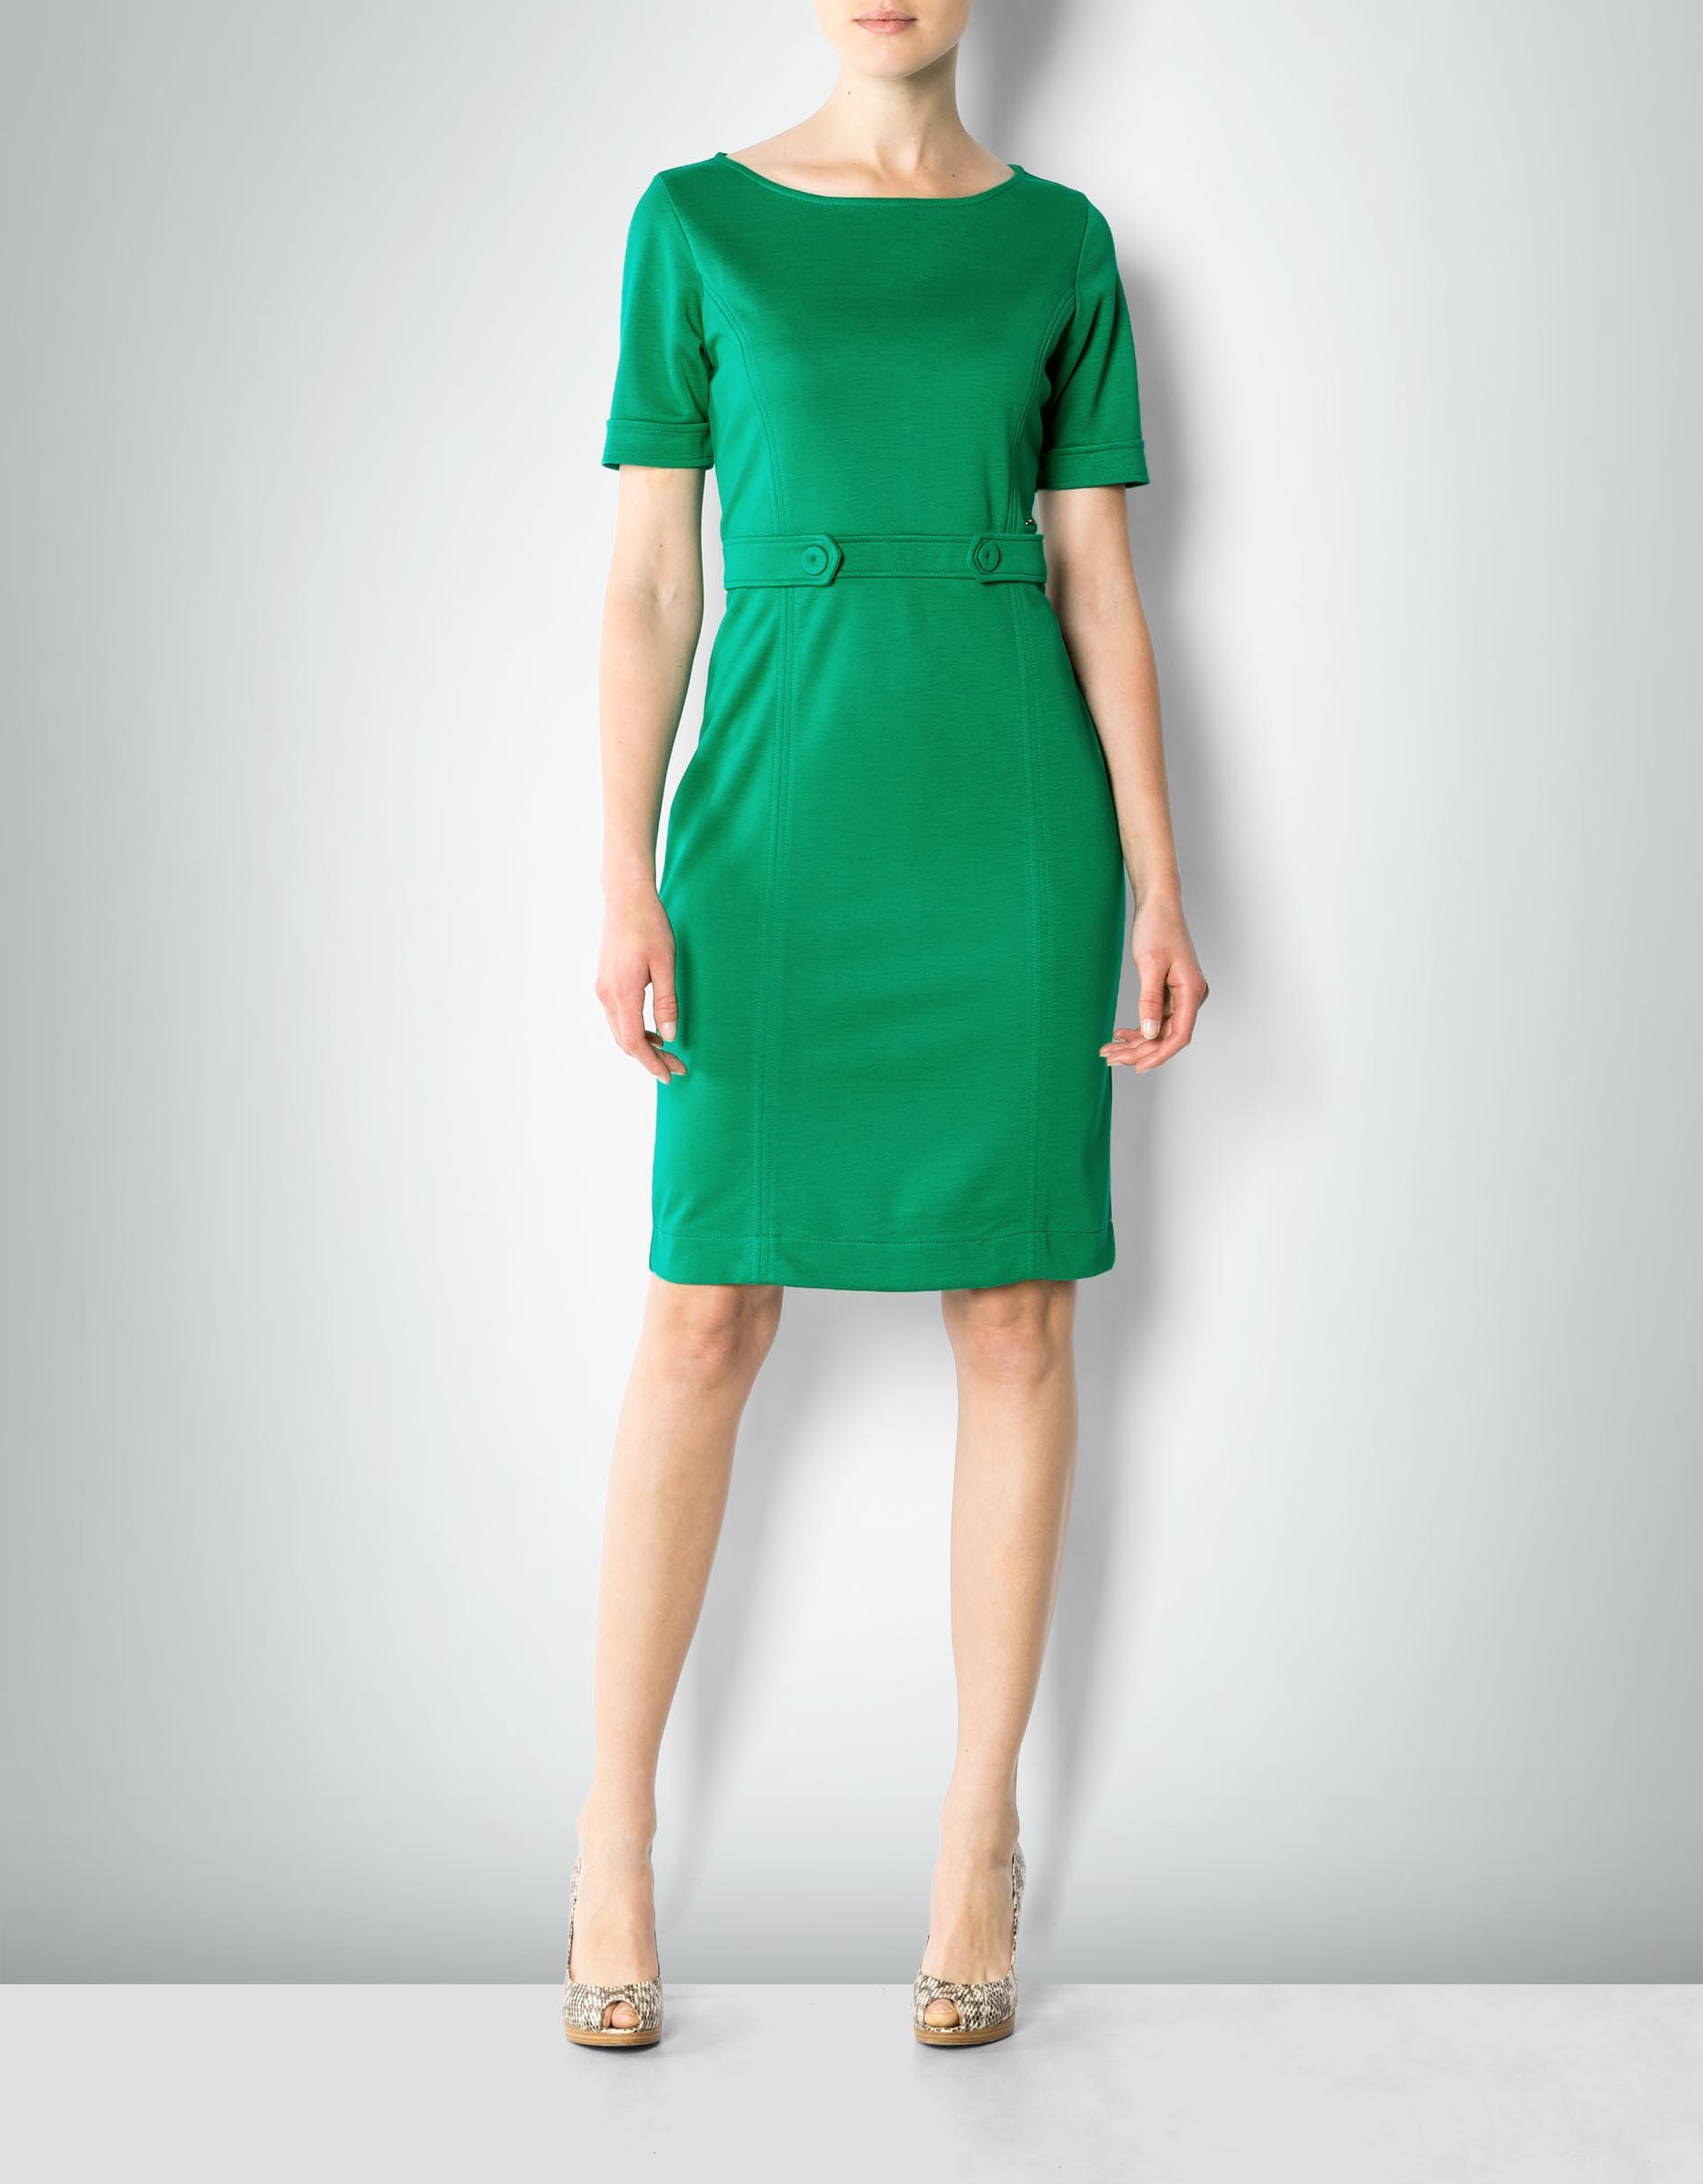 damen kleid dunkelgrün